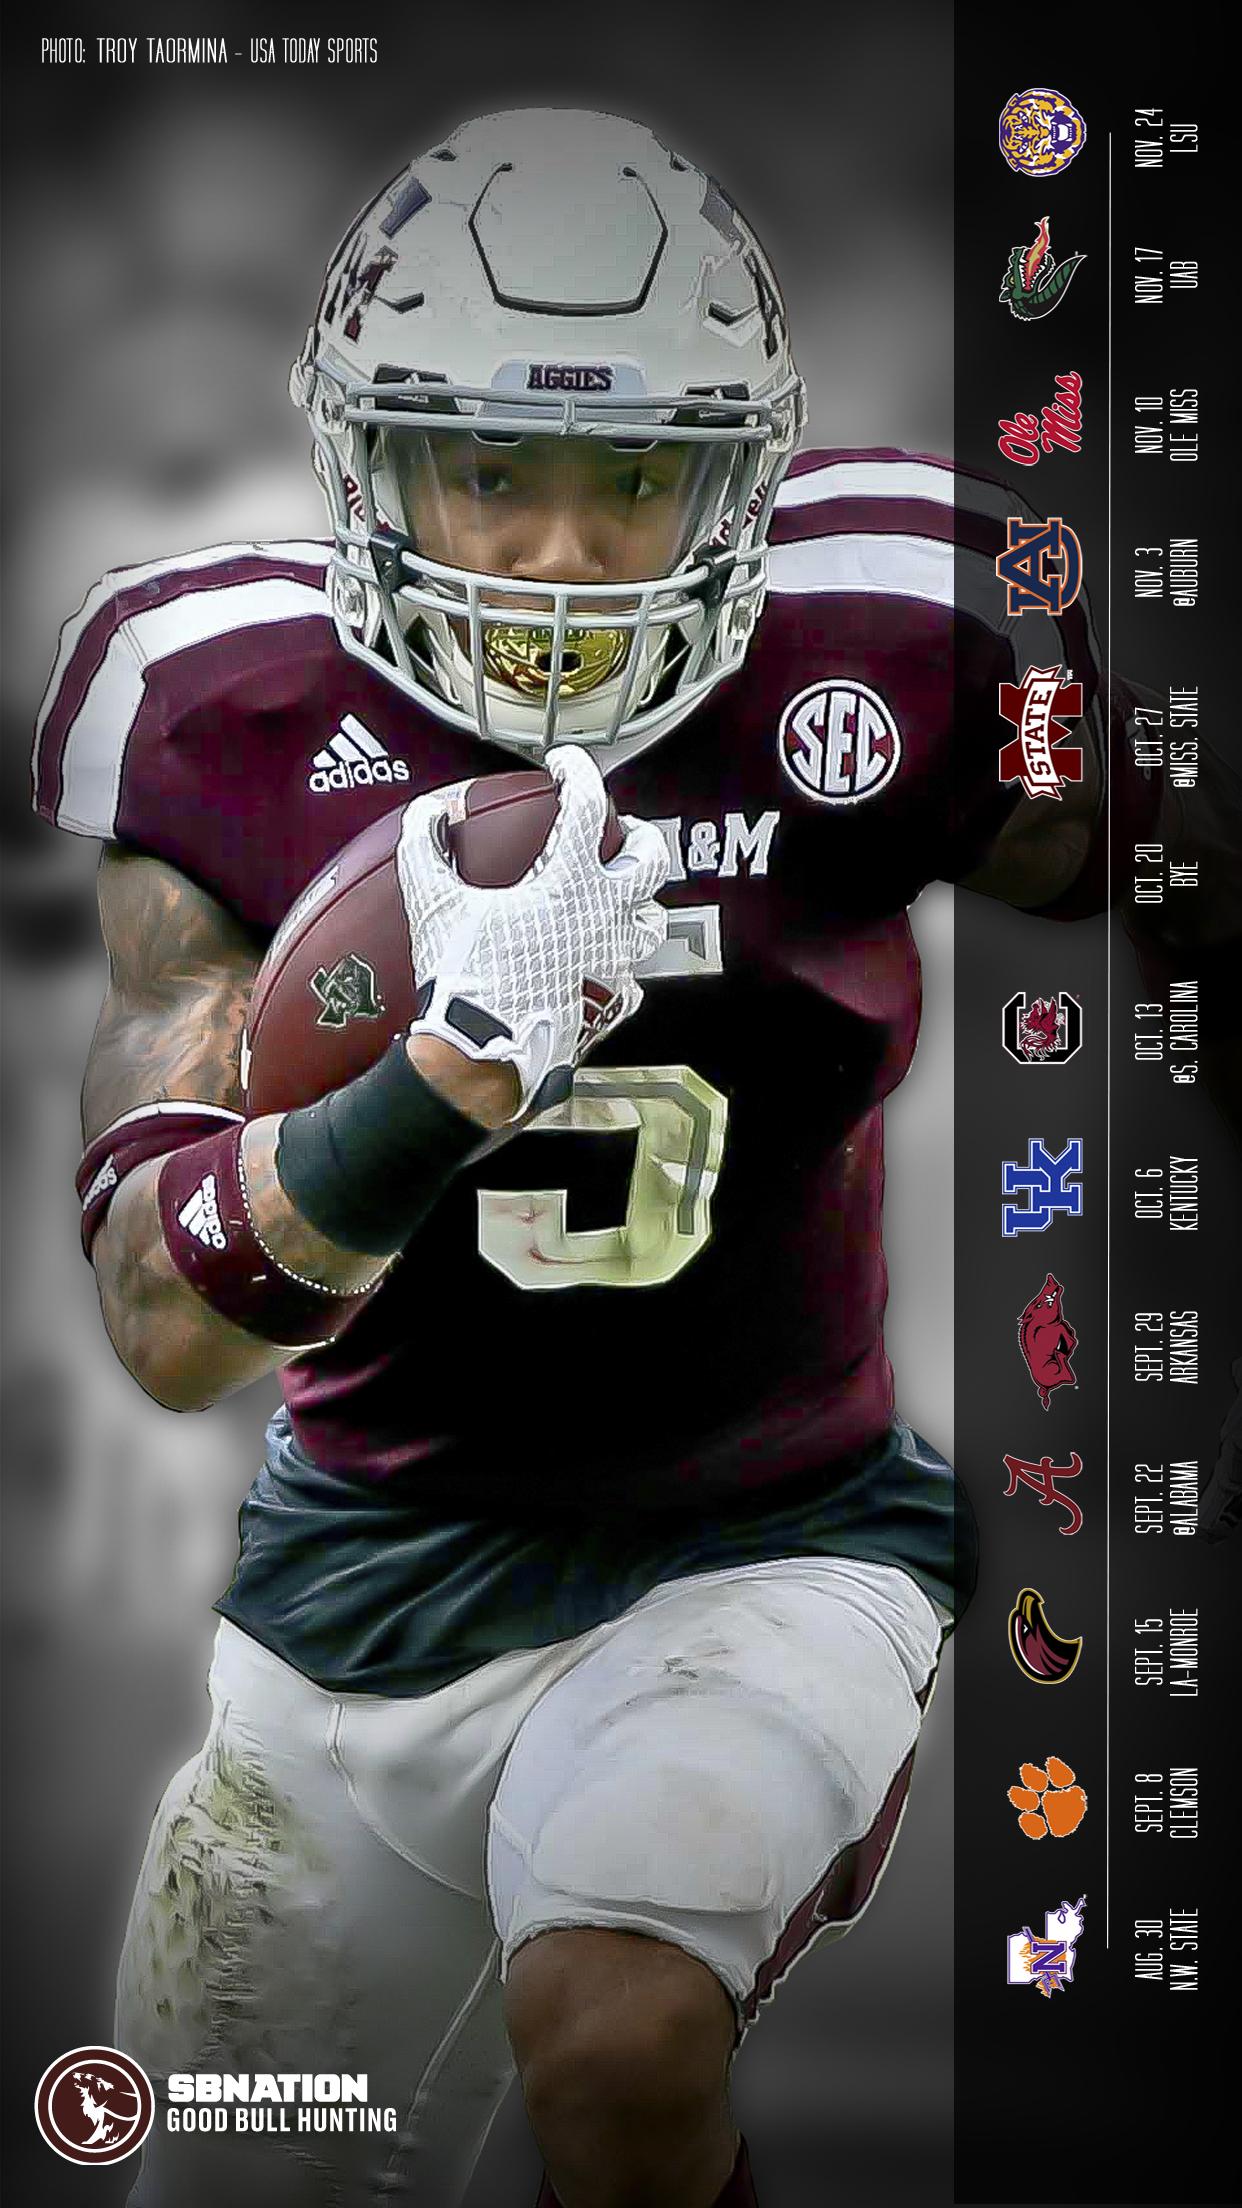 2018 Texas Am Aggie Football Desktop Wallpapers Backgrounds Good